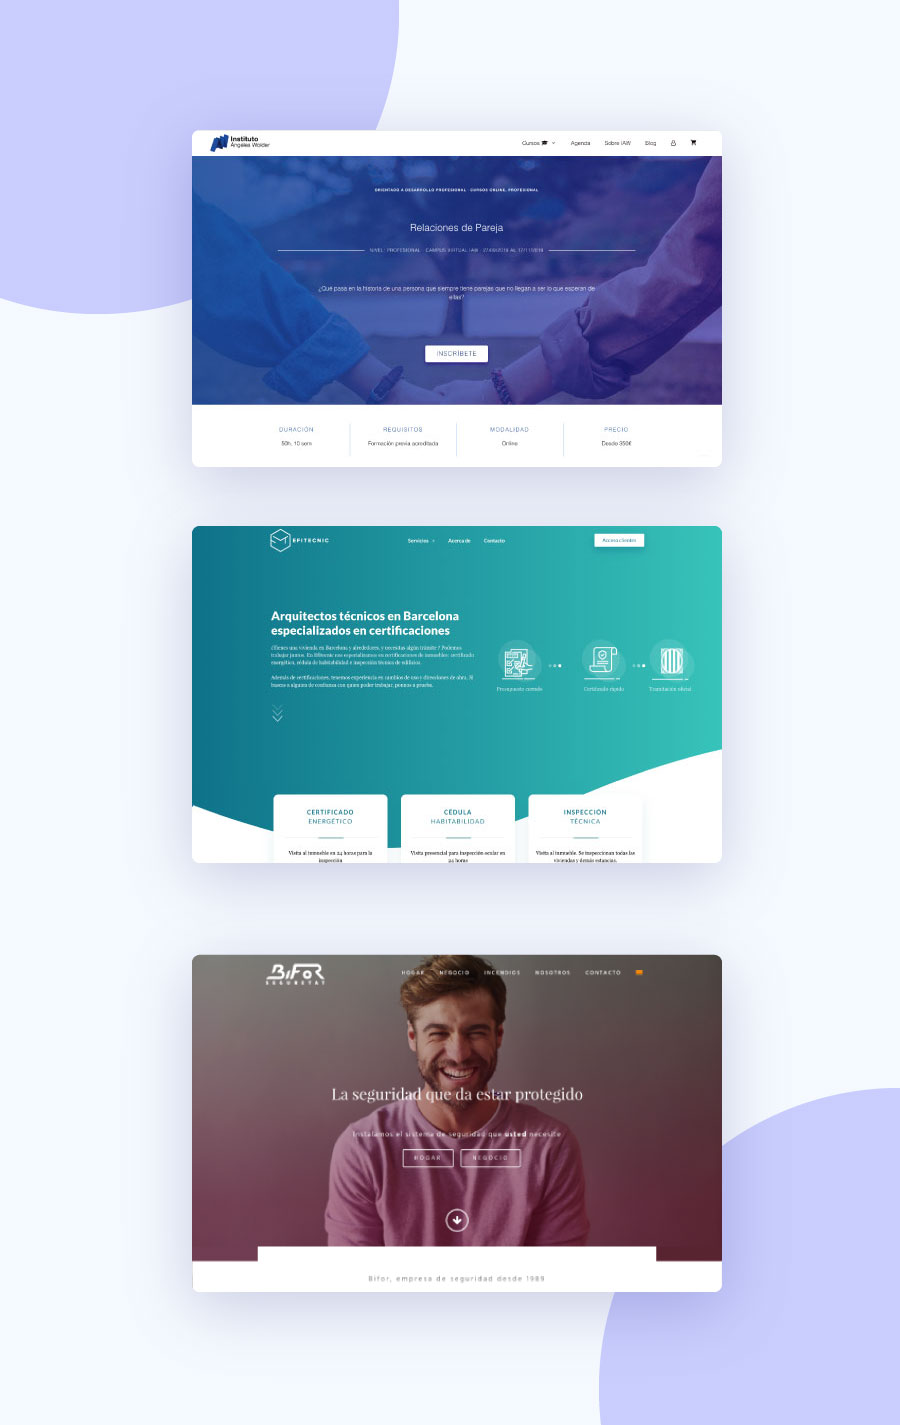 ejemplos de diseños web 2019 con degradados